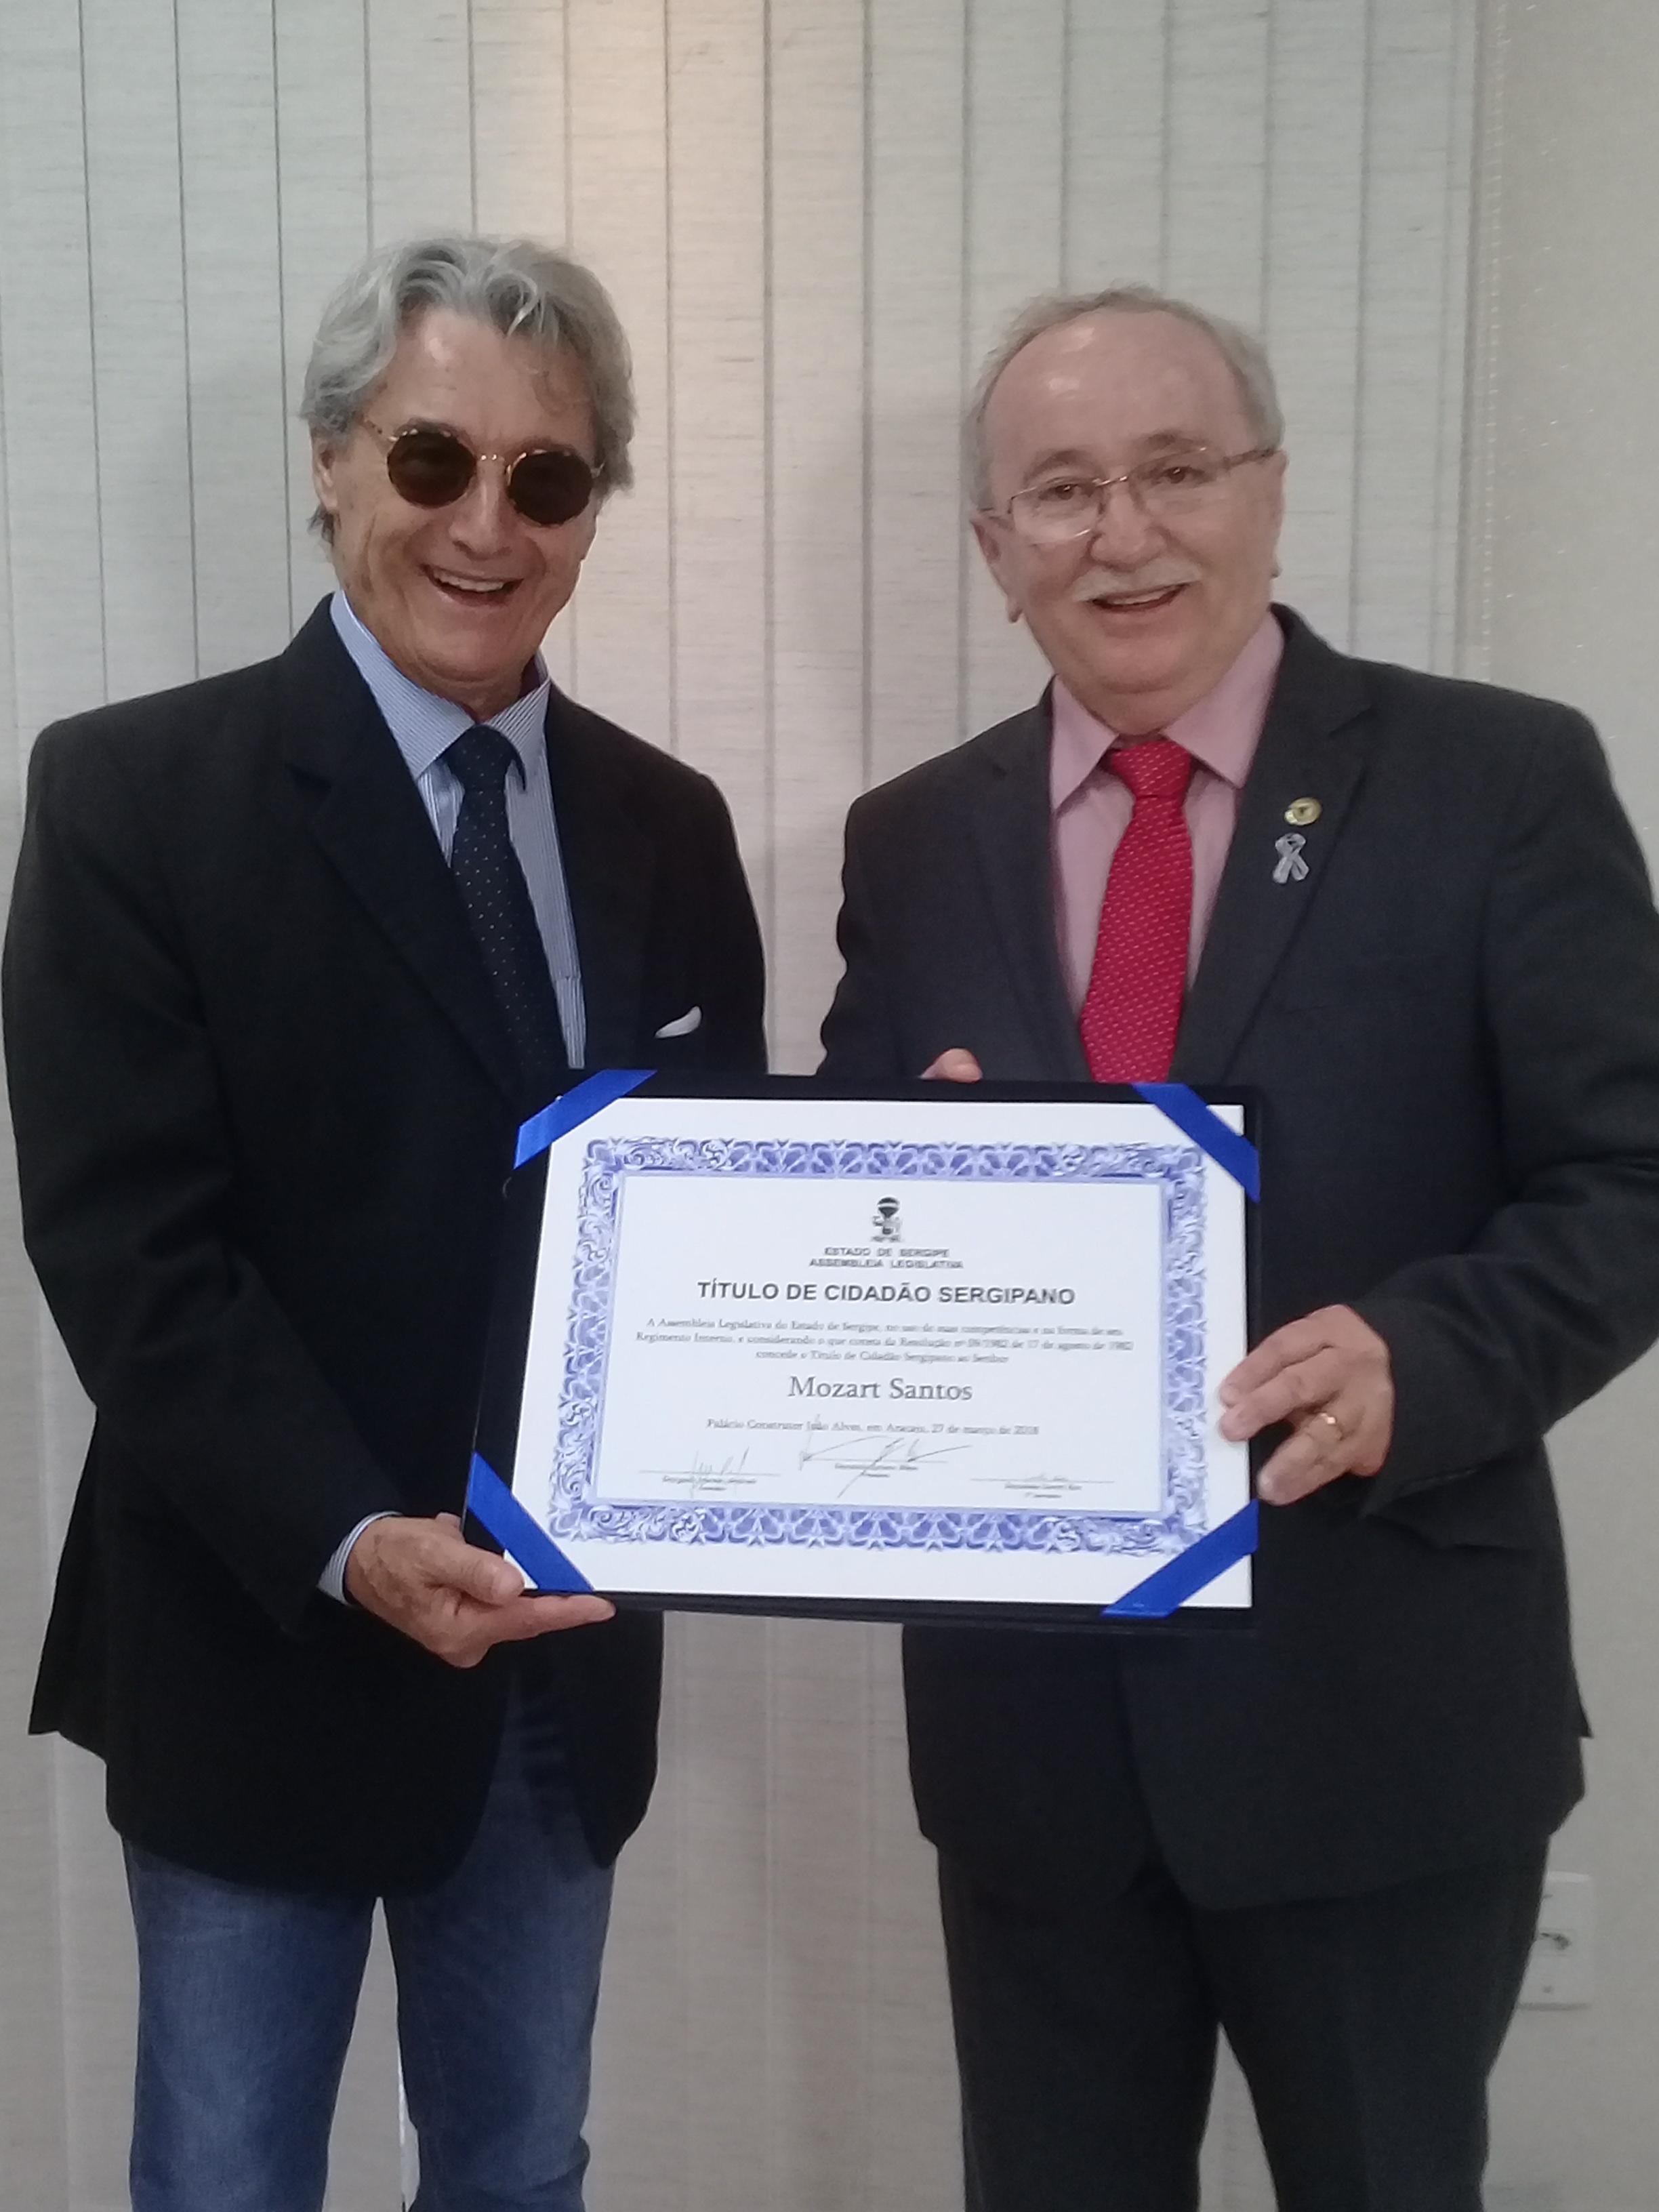 Mozart Santos é o mais novo sergipano – Assembleia Legislativa de Sergipe